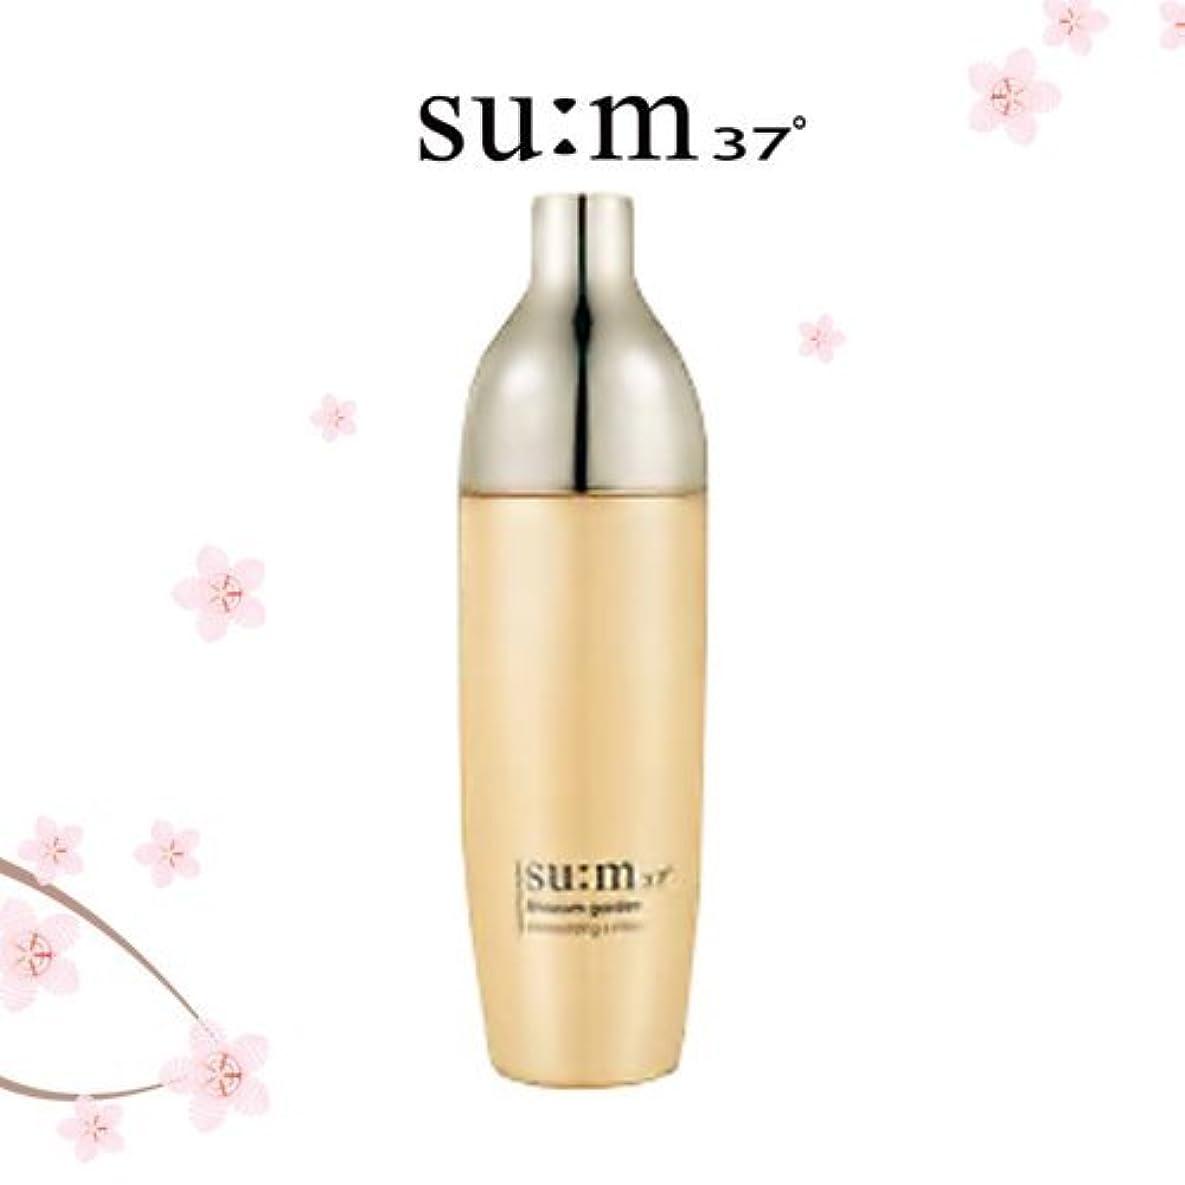 プライムモールス信号補正sum37(スム37)ブロッサムガーデンモイスチャライジングスキン155ml(blossom garden moisturizing skin)(並行輸入品)